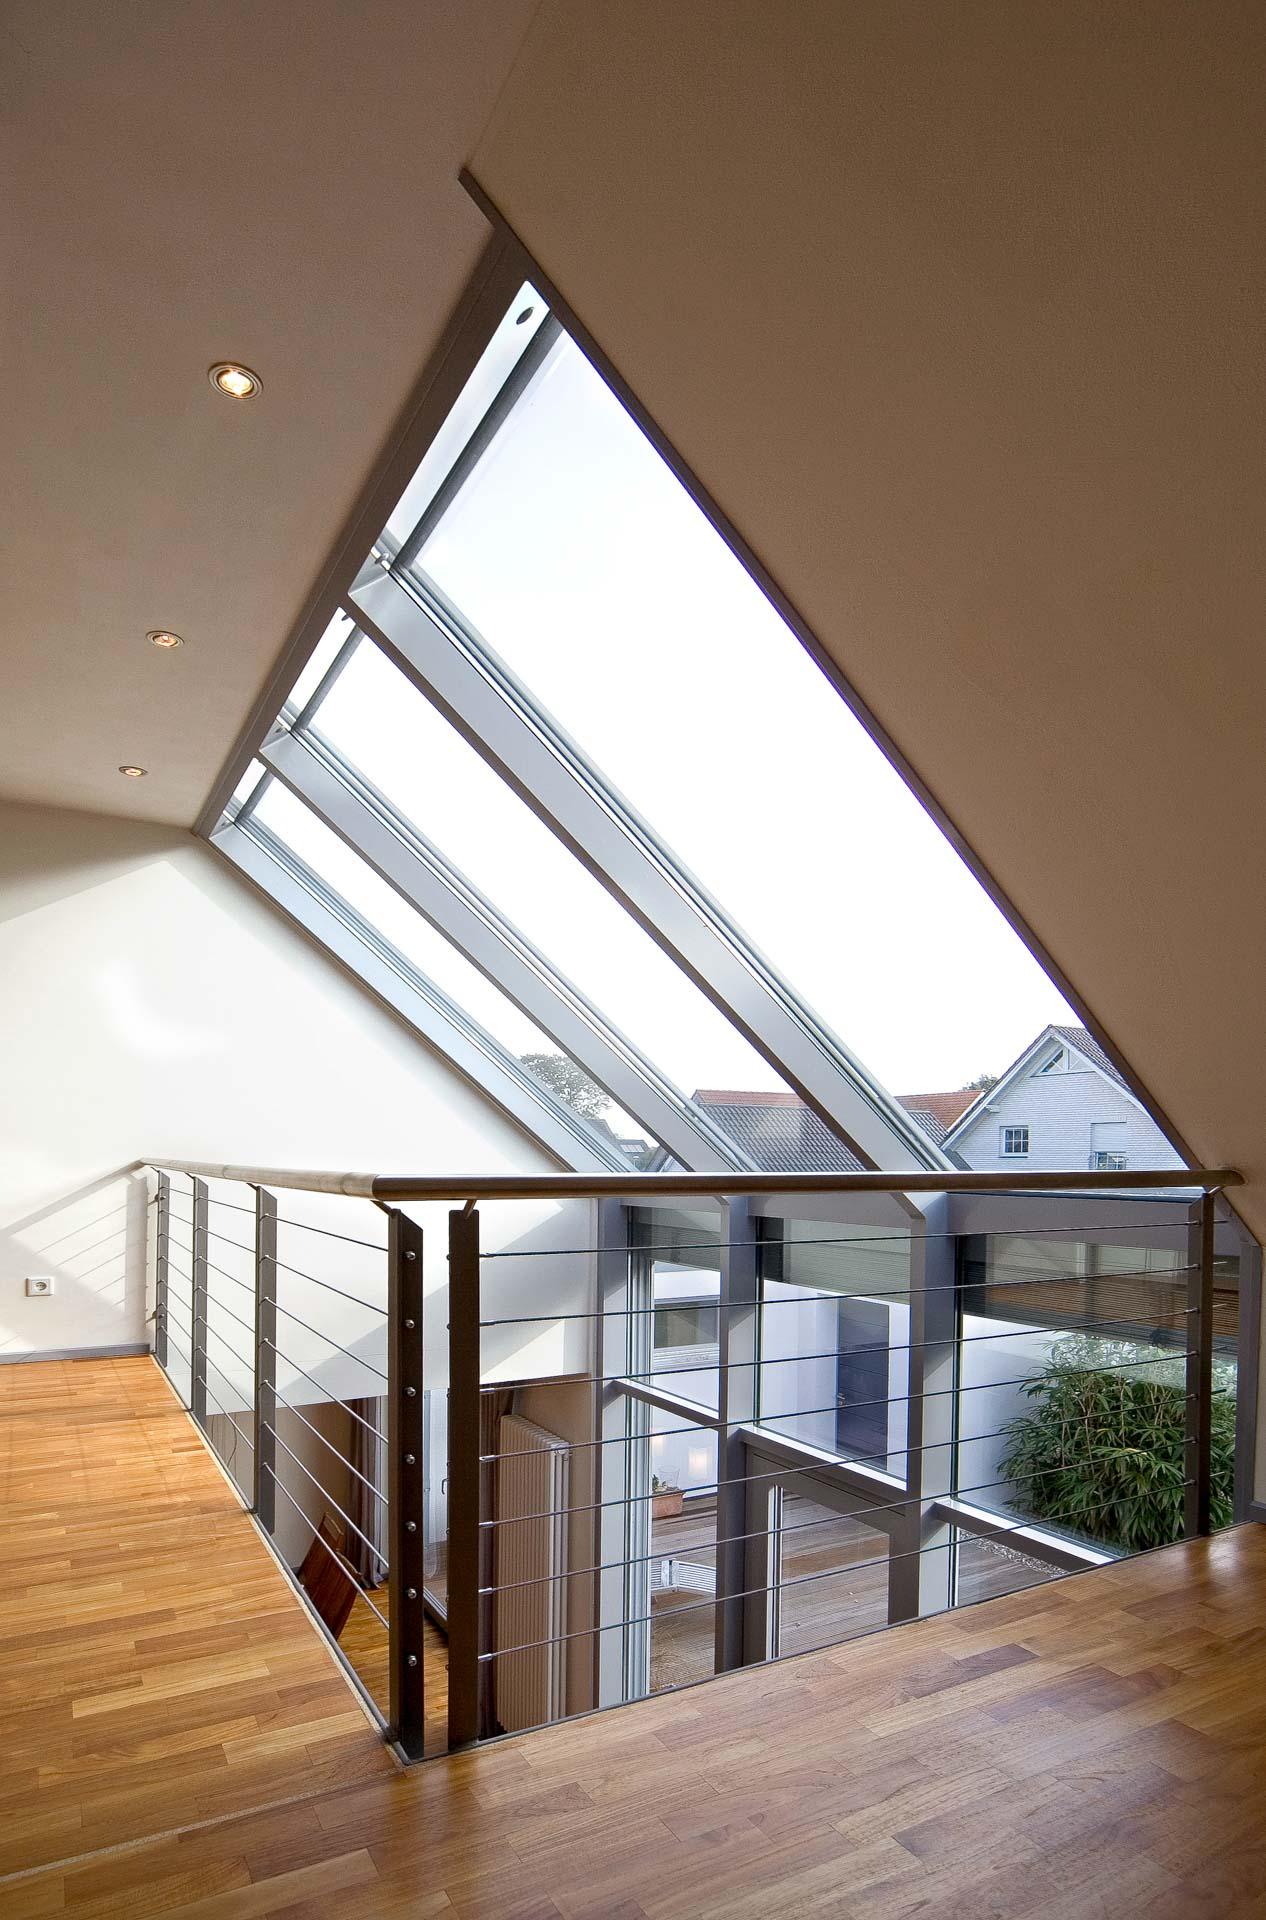 Wintergarten in Neuenkirchen (Objekt 955). Lichtdach und Wandverglasung holen die Natur ins Haus